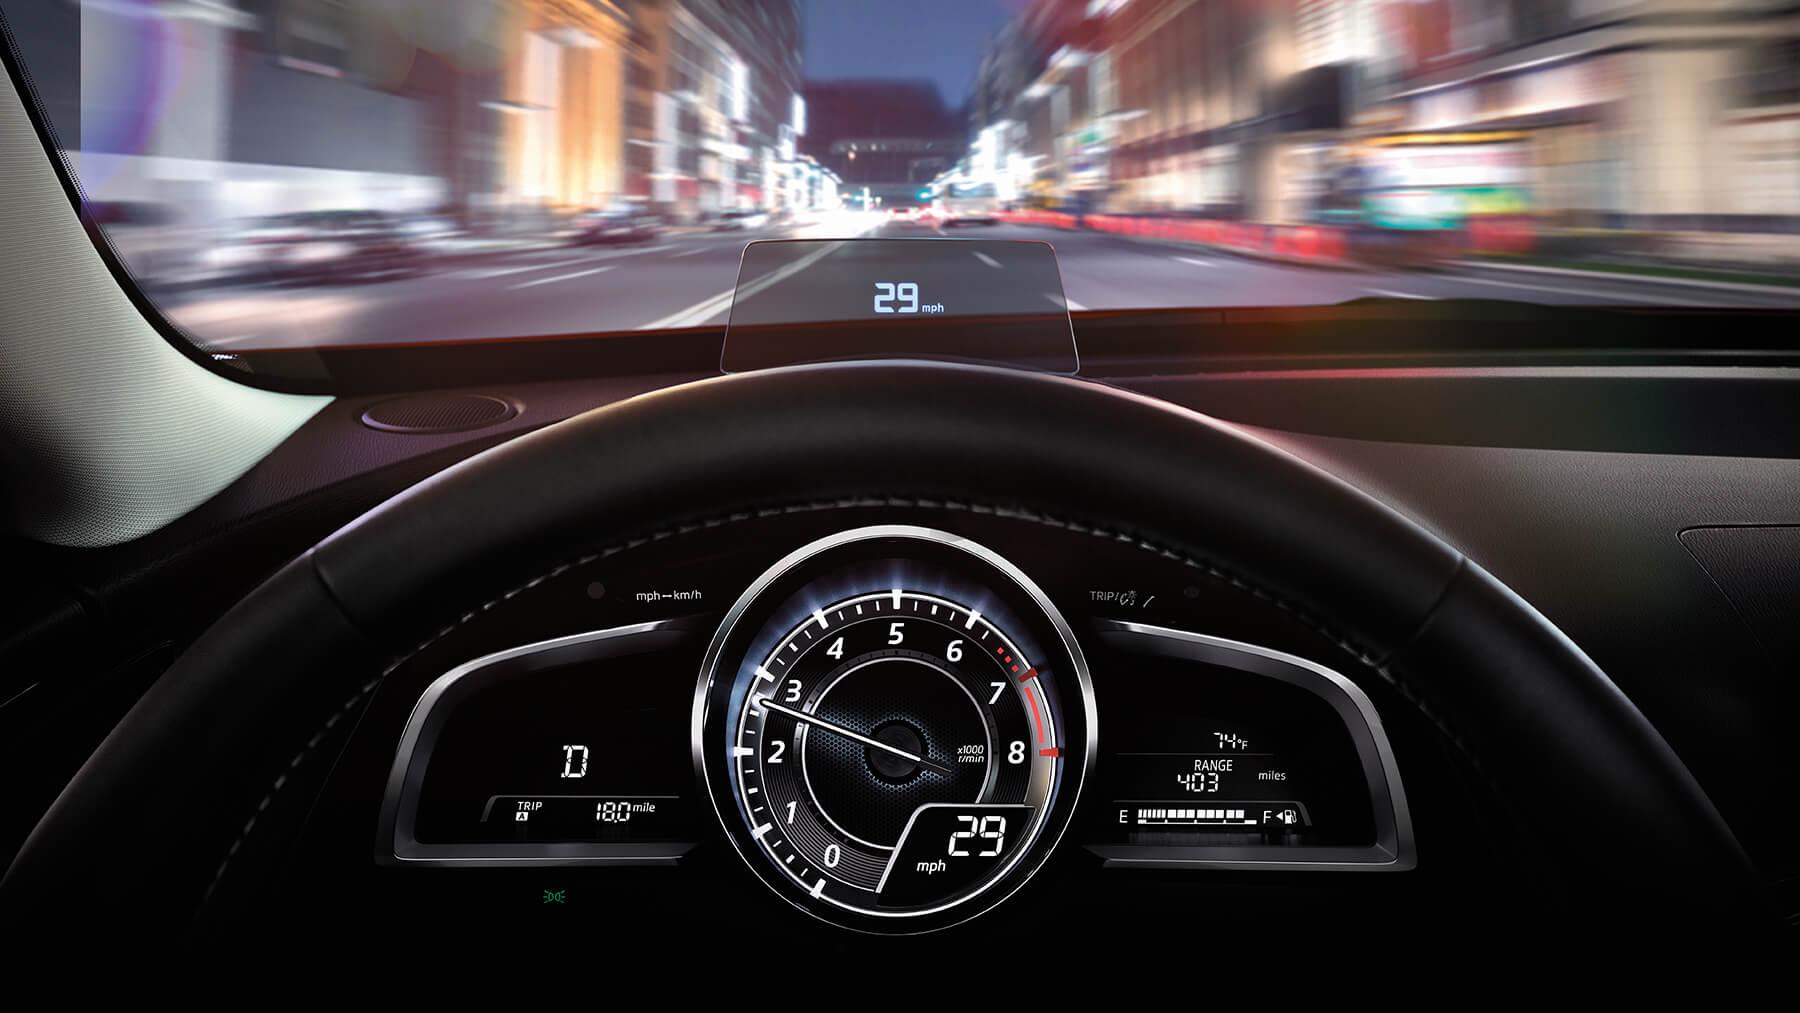 2017 mazda cx 3 interior lightbox for Mazda cx 3 interieur